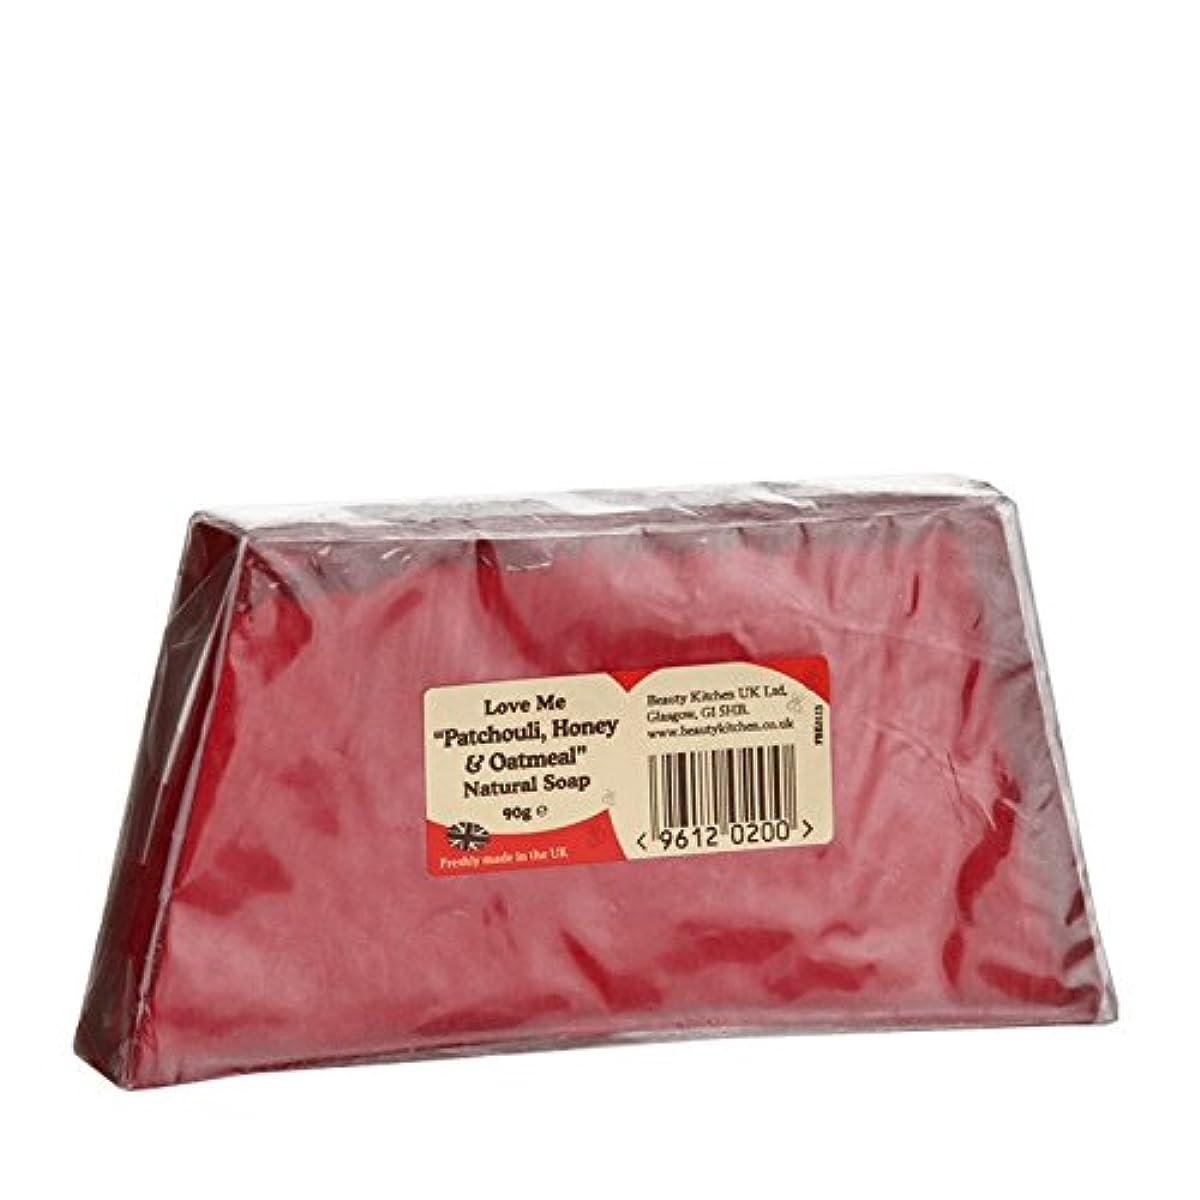 近所のスクリューステープル美しさのキッチンは私にパチョリ、ハニー&オートミール、天然石鹸90グラムを愛し - Beauty Kitchen Love Me Patchouli, Honey & Oatmeal Natural Soap 90g (...